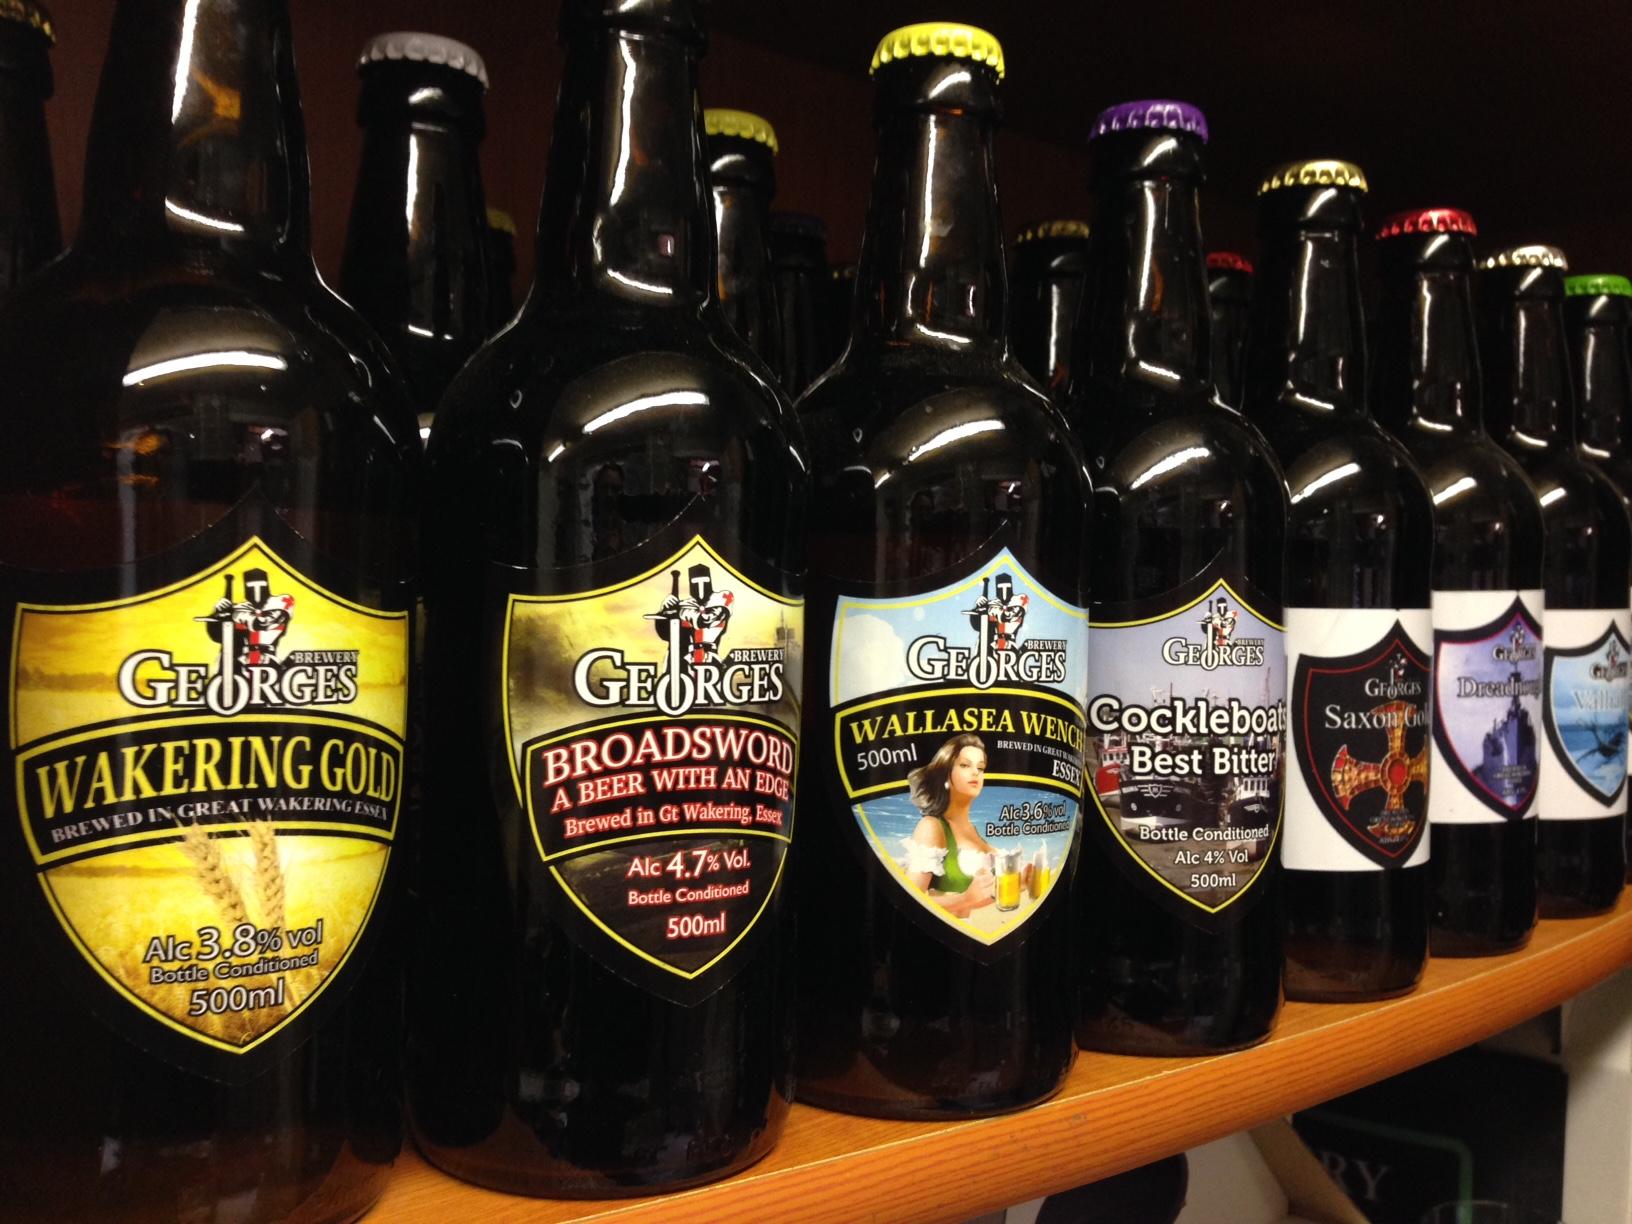 bottles image.JPG